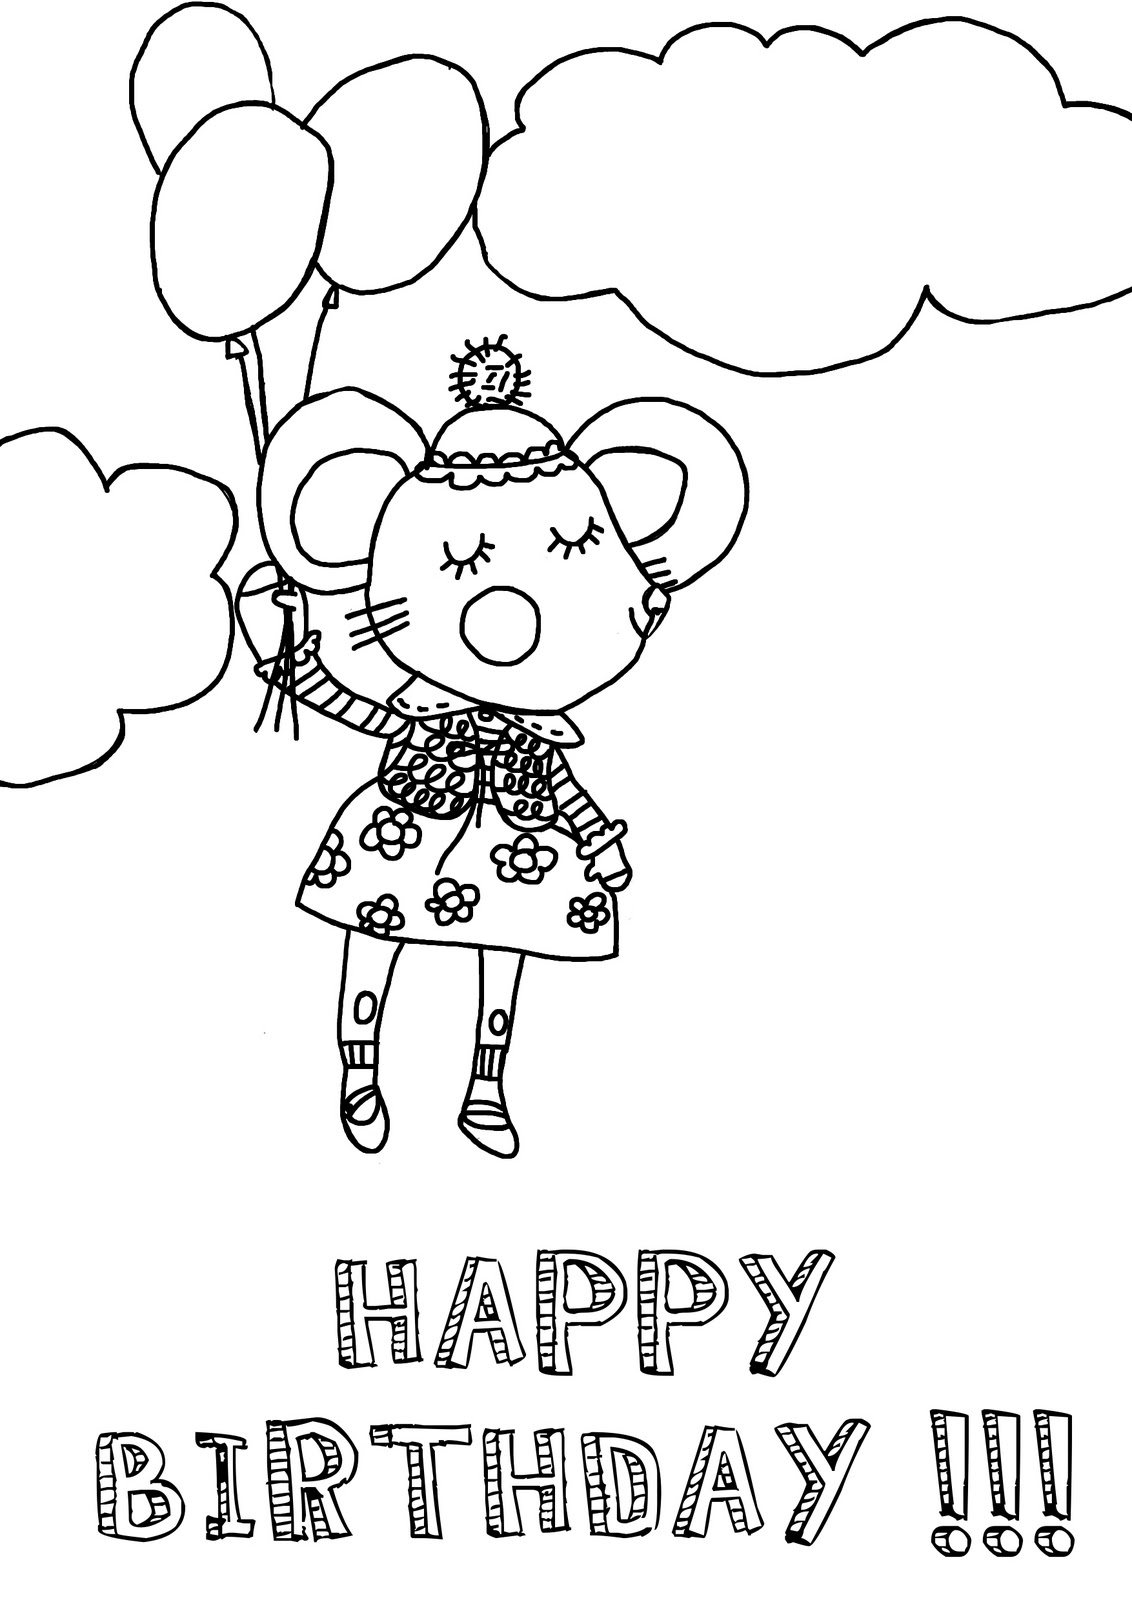 Dessin a colorier pour anniversaire - Dessin pour anniversaire ...